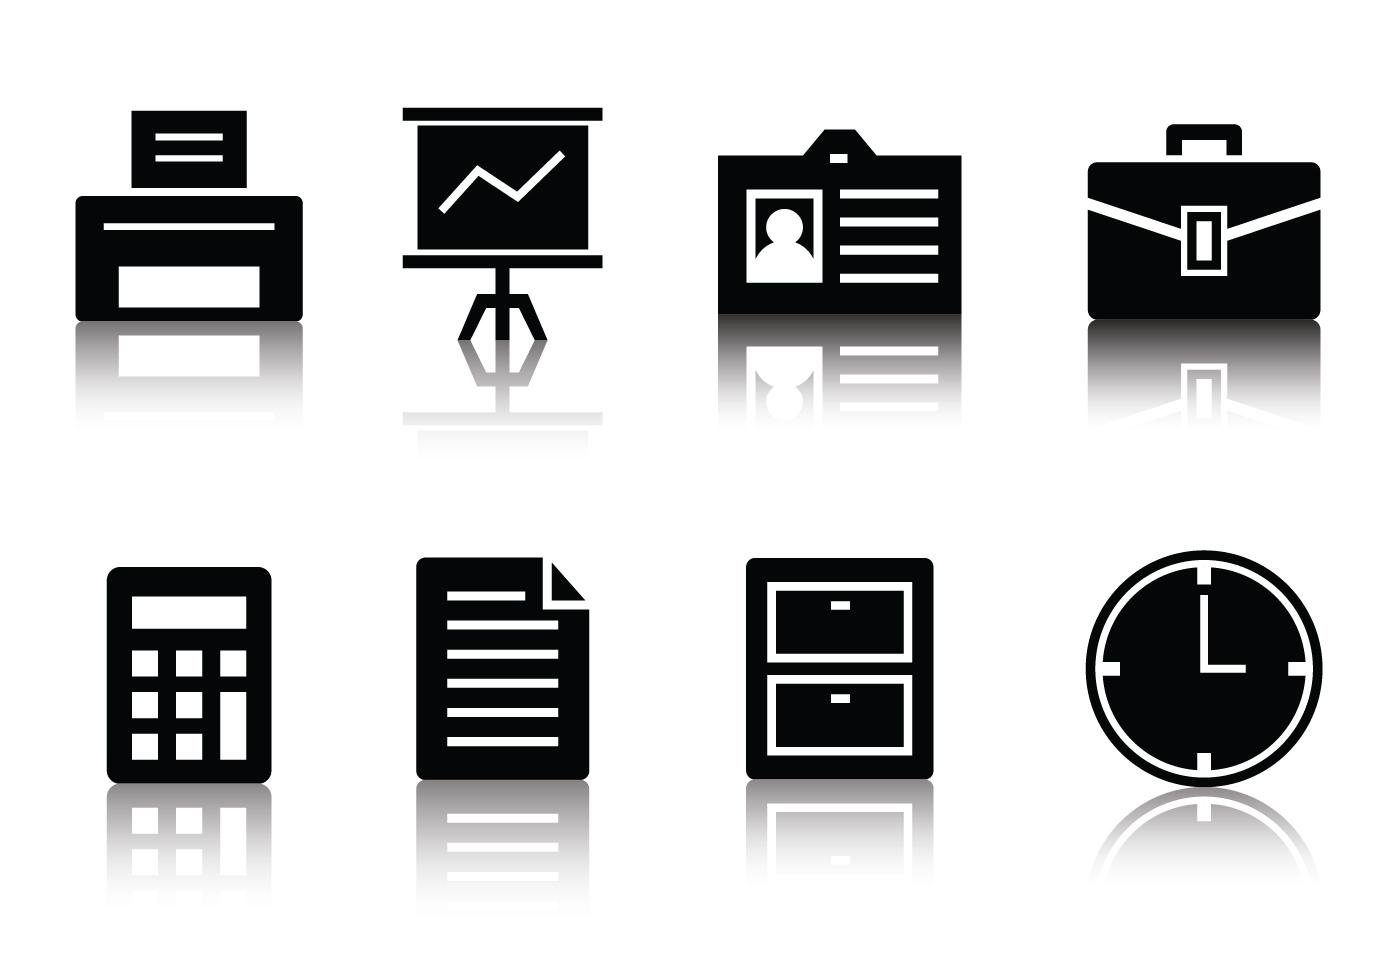 Iconos Minimalistas Gratis - Descargue Gráficos y Vectores Gratis